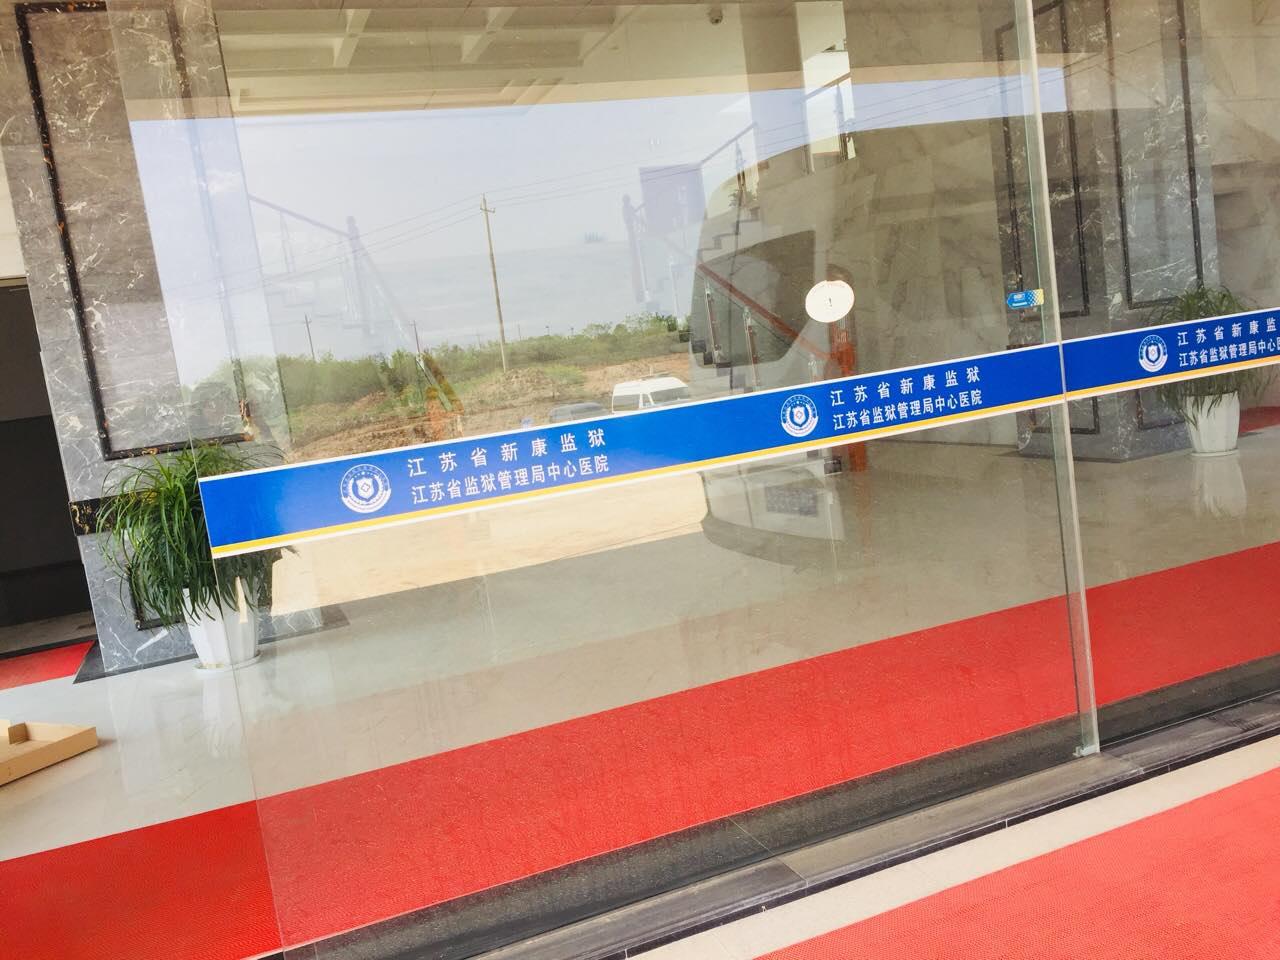 2019.4.19常州溧阳江苏省监狱管理局医院QX4-IMG_7307